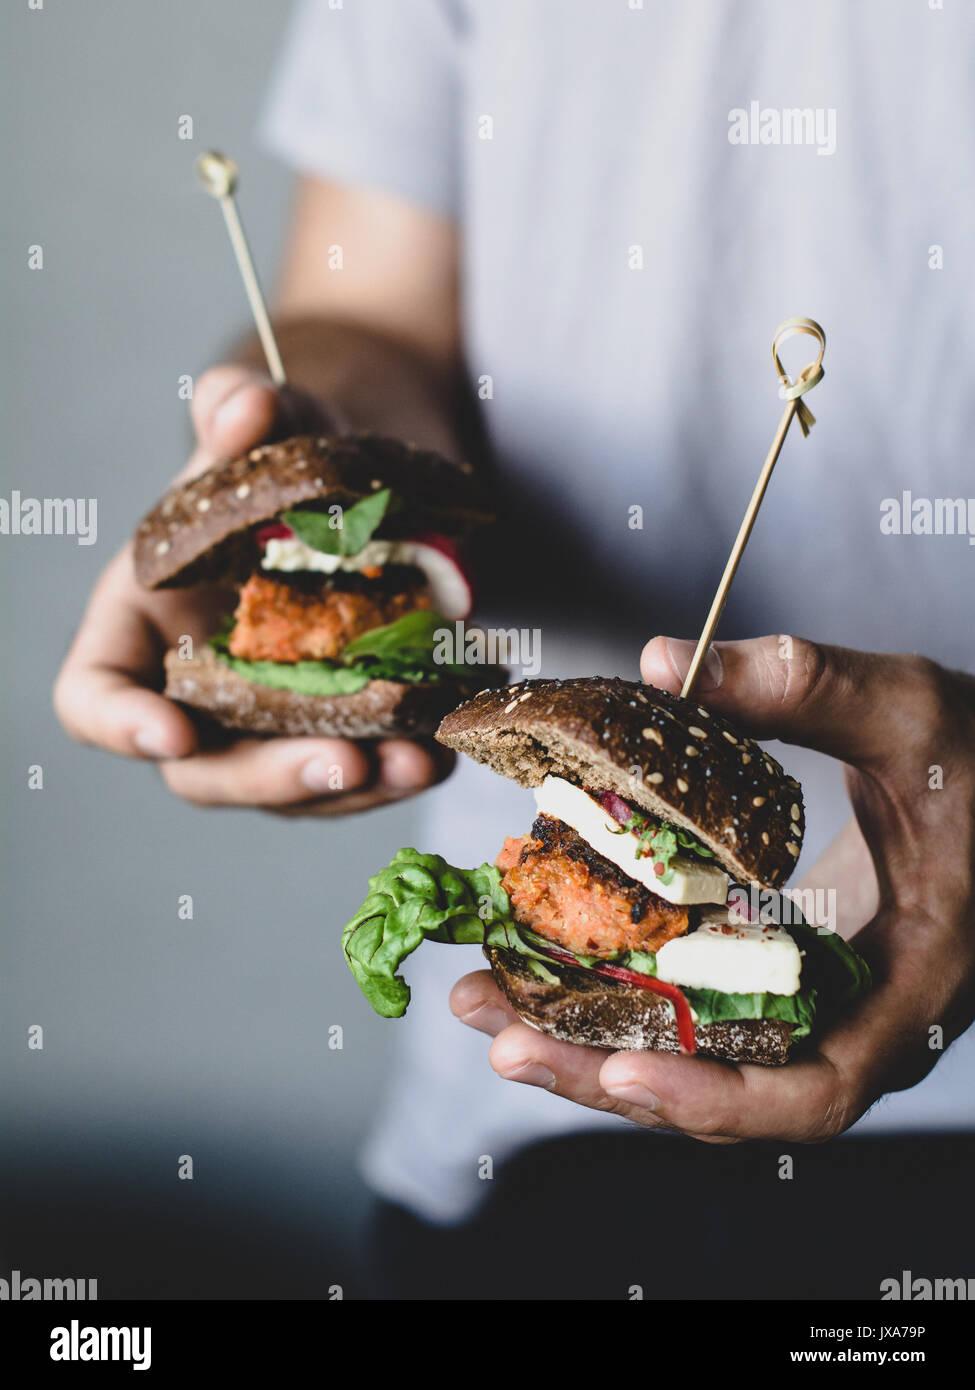 Young hipster holding vegetarian carrot tofu burgers. Closeup view, selective focus - Stock Image